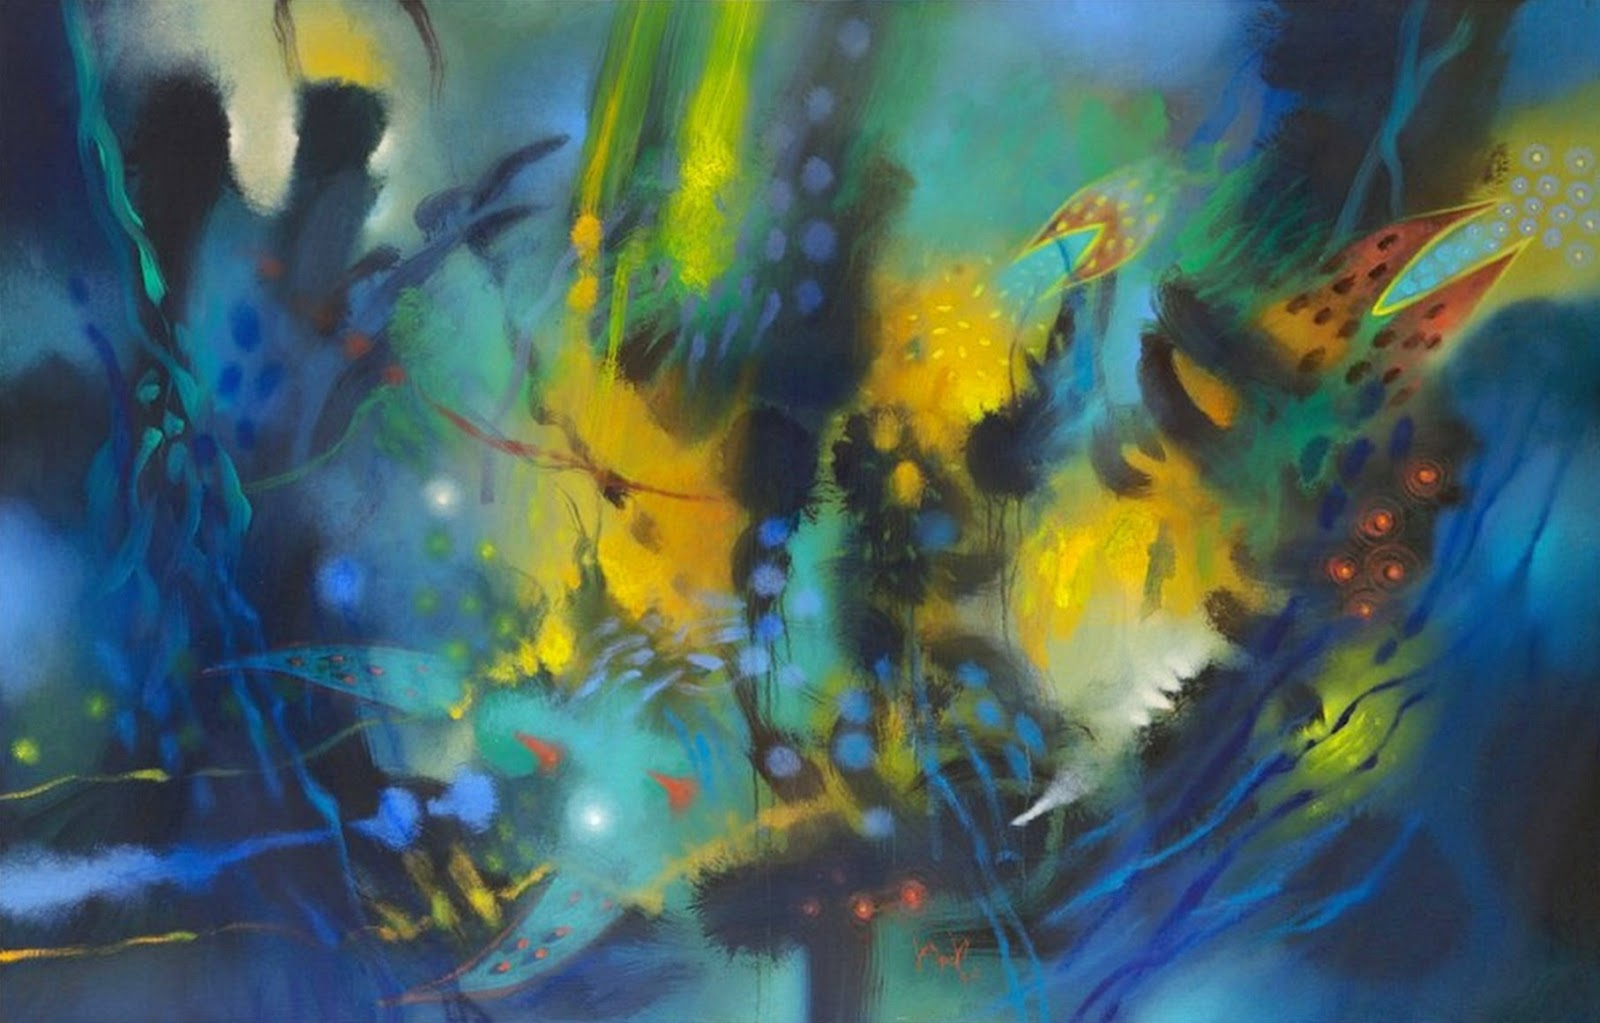 Cuadros bonitos abstractos abstractos modernos for Cuadros minimalistas modernos